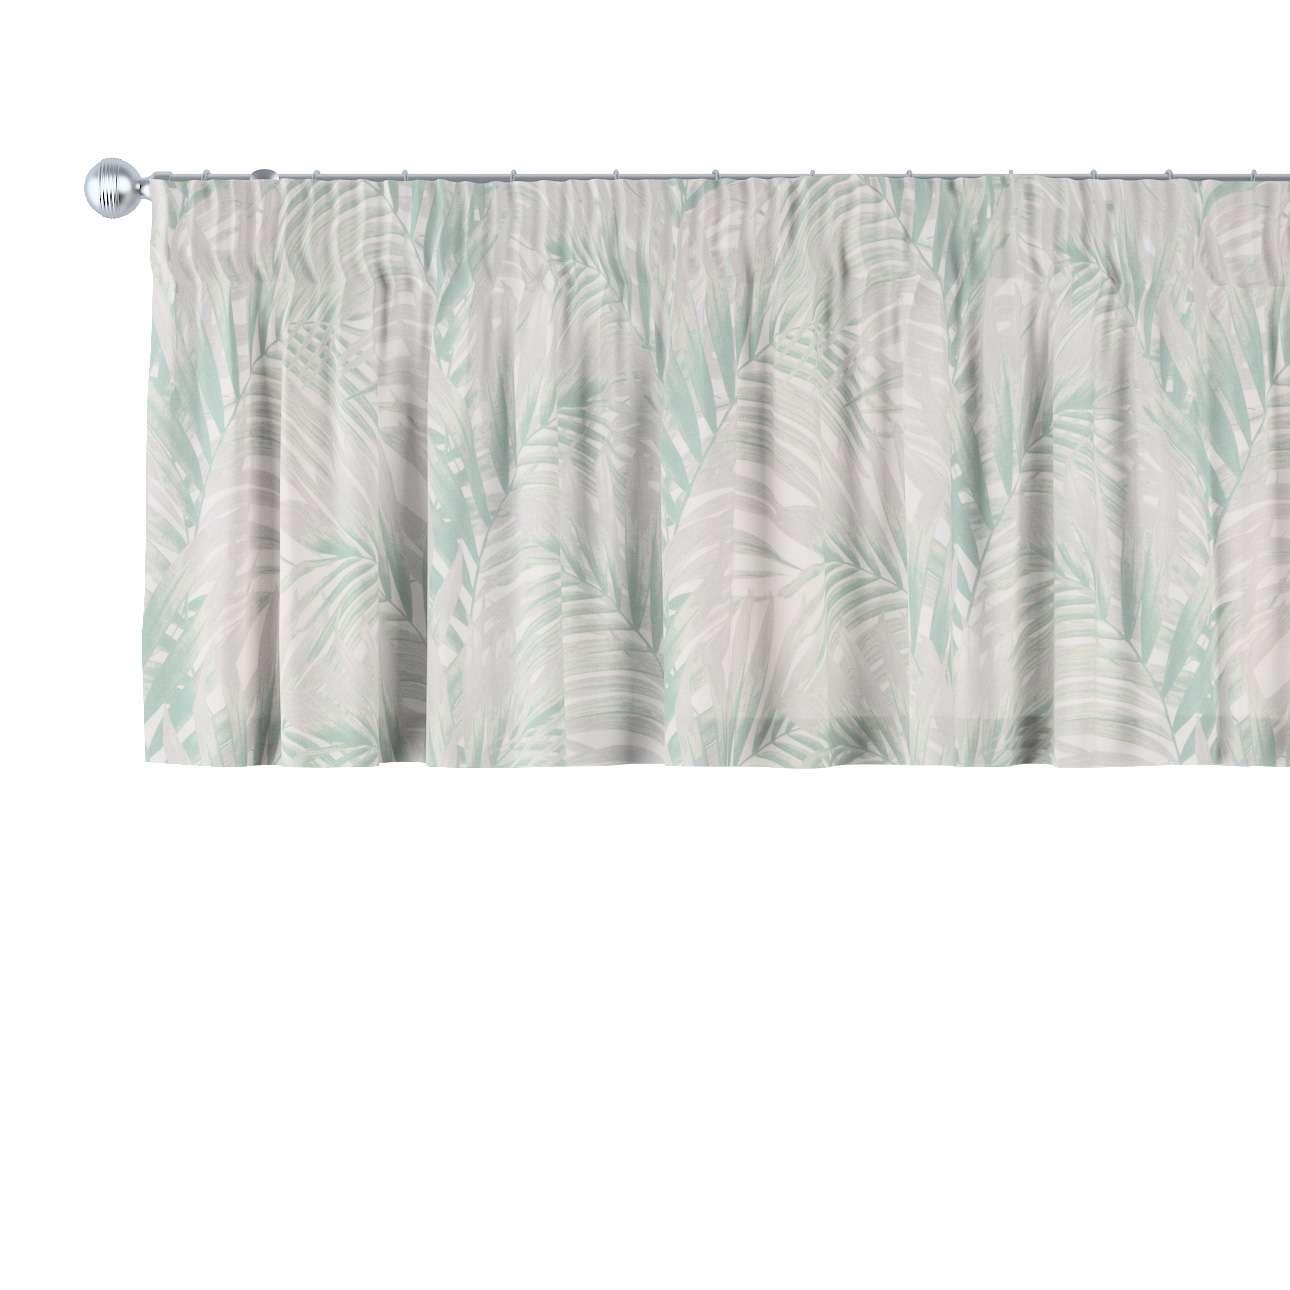 Gardinkappa med rynkband i kollektionen Gardenia, Tyg: 142-15